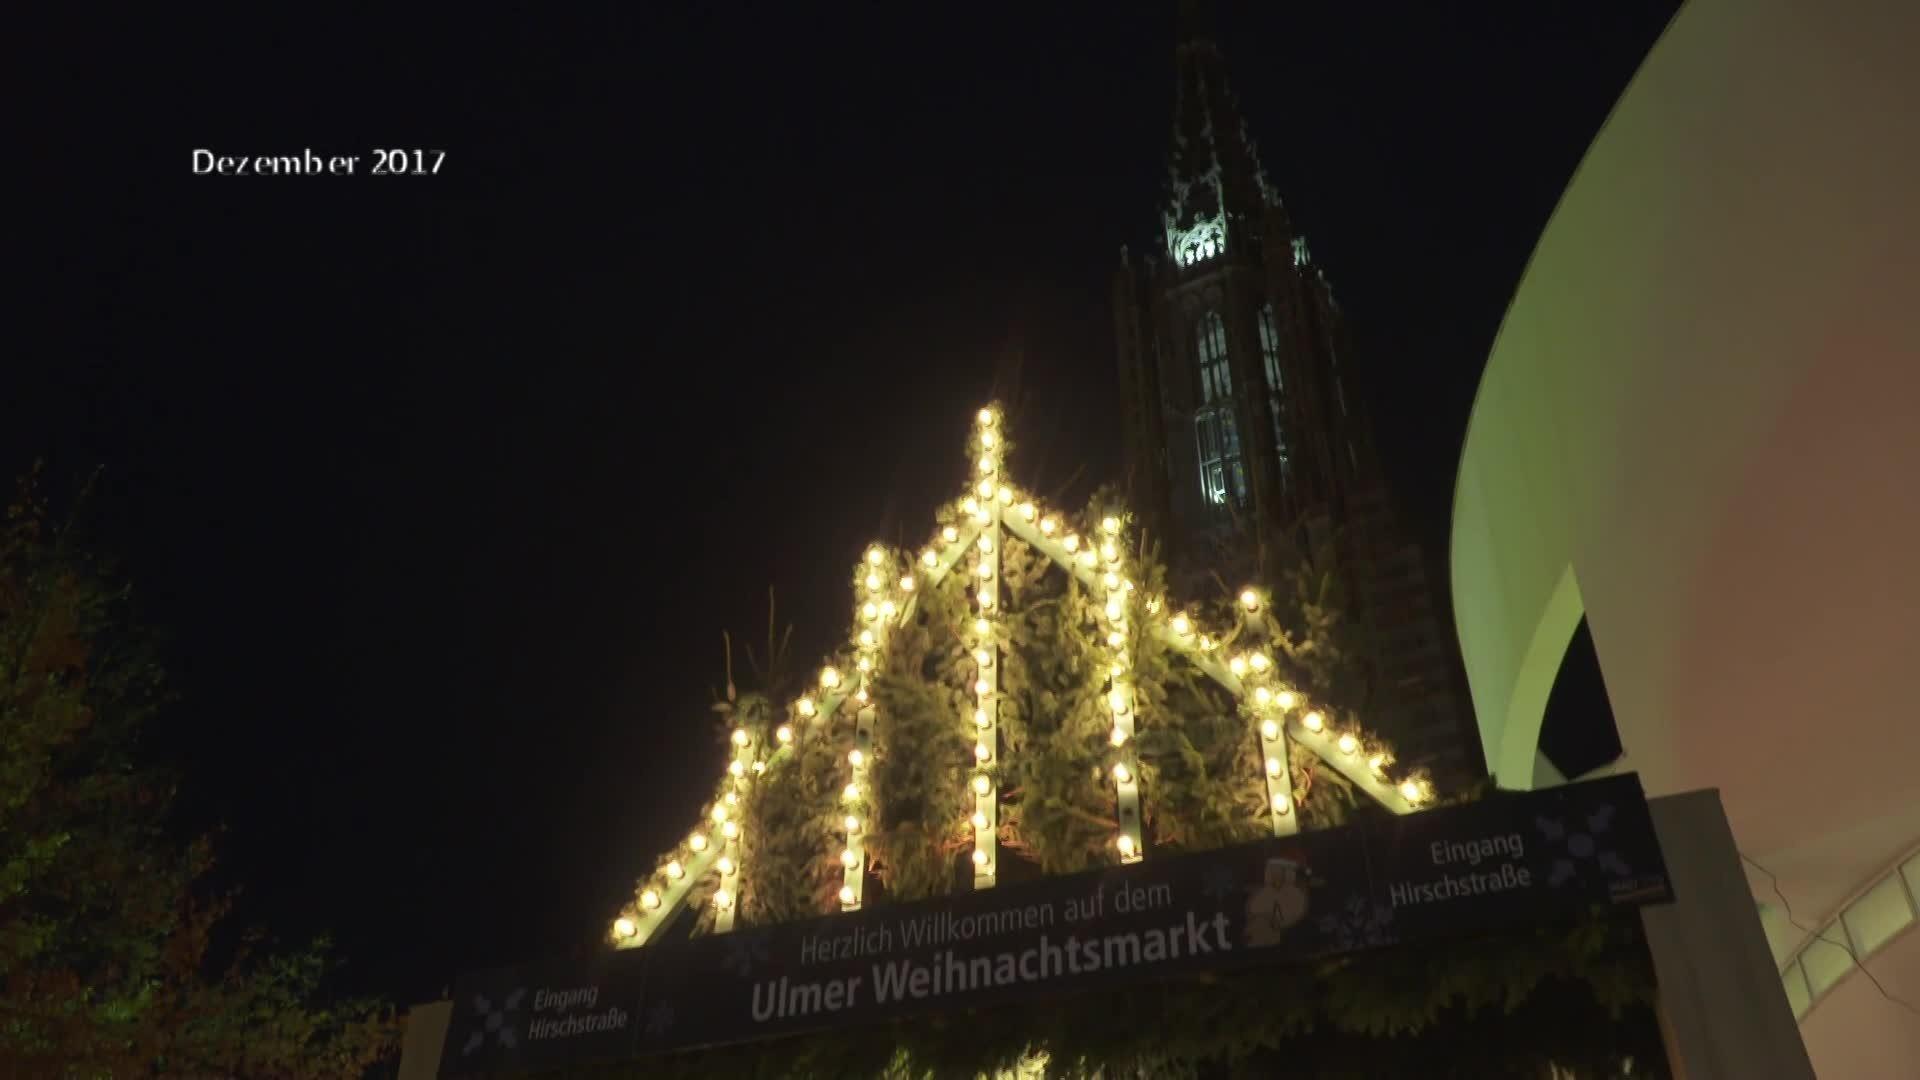 Ulm Weihnachtsmarkt.Weihnachtsmarkt In Ulm Kurz Vor Eröffnung Regio Tv